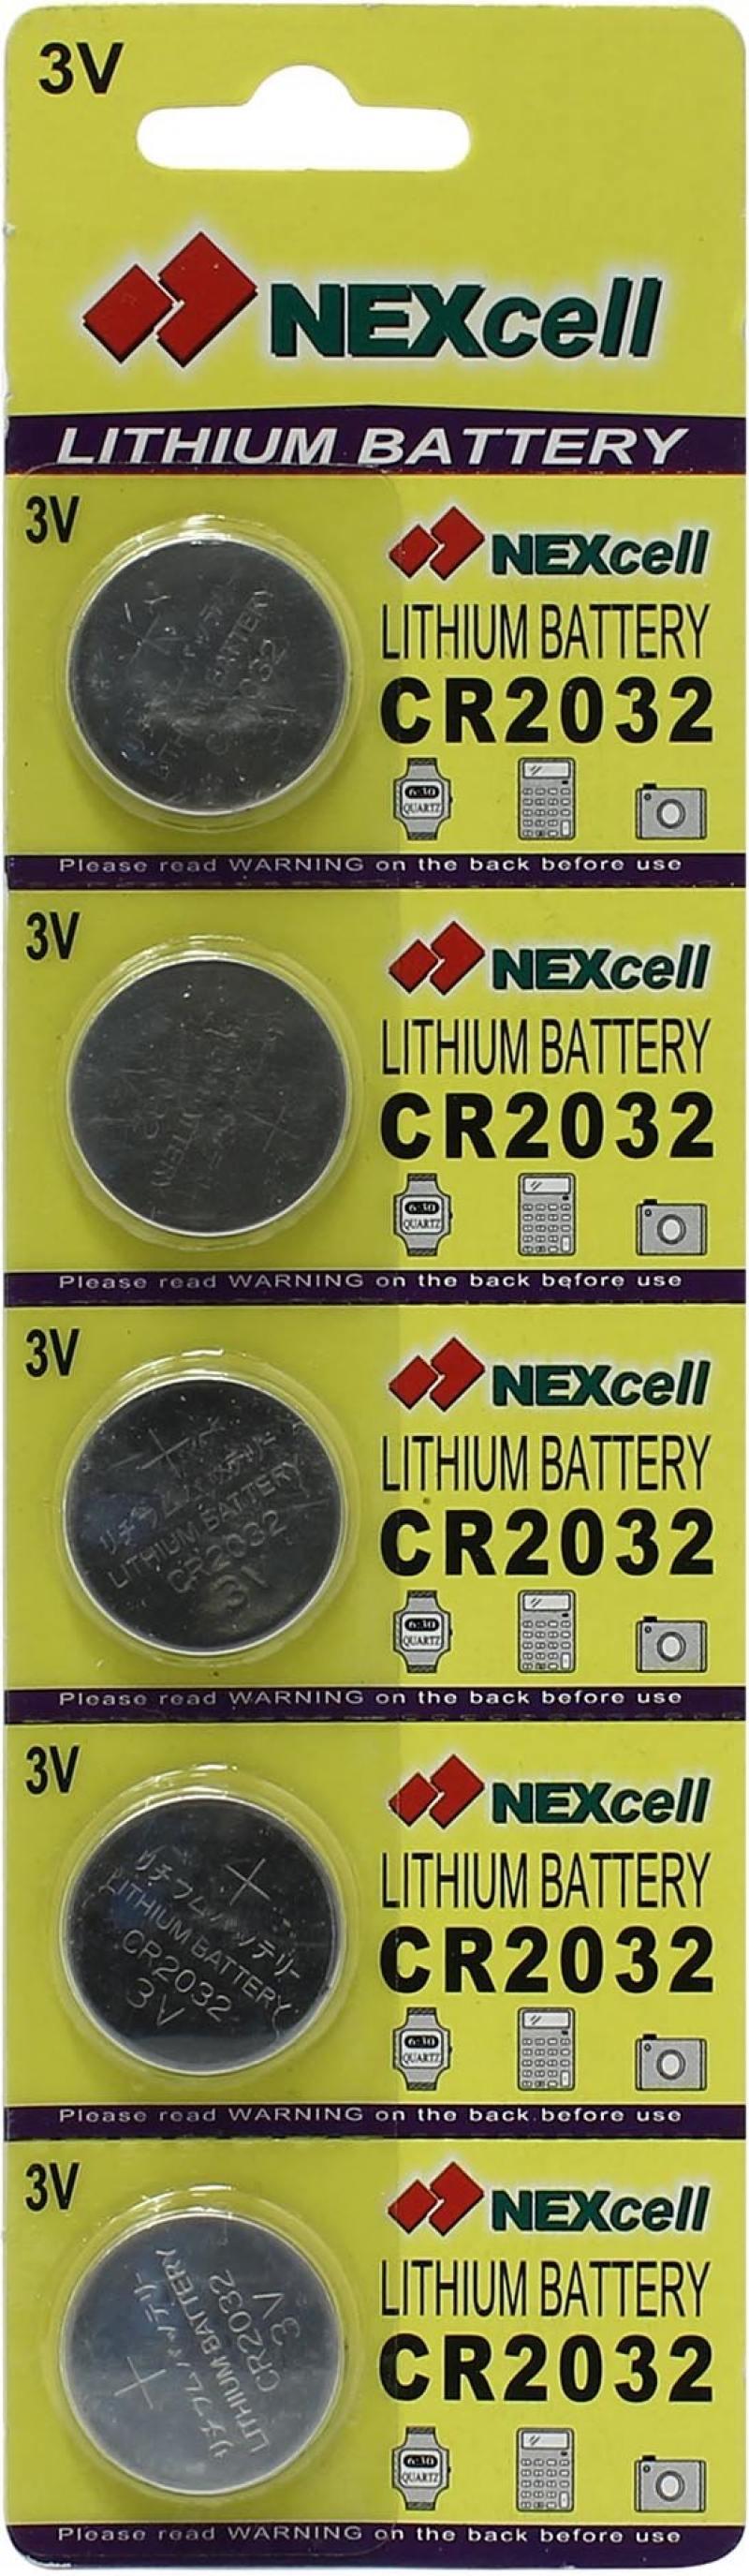 Батарейки 210 mAh Nexcell CR2032 5 шт